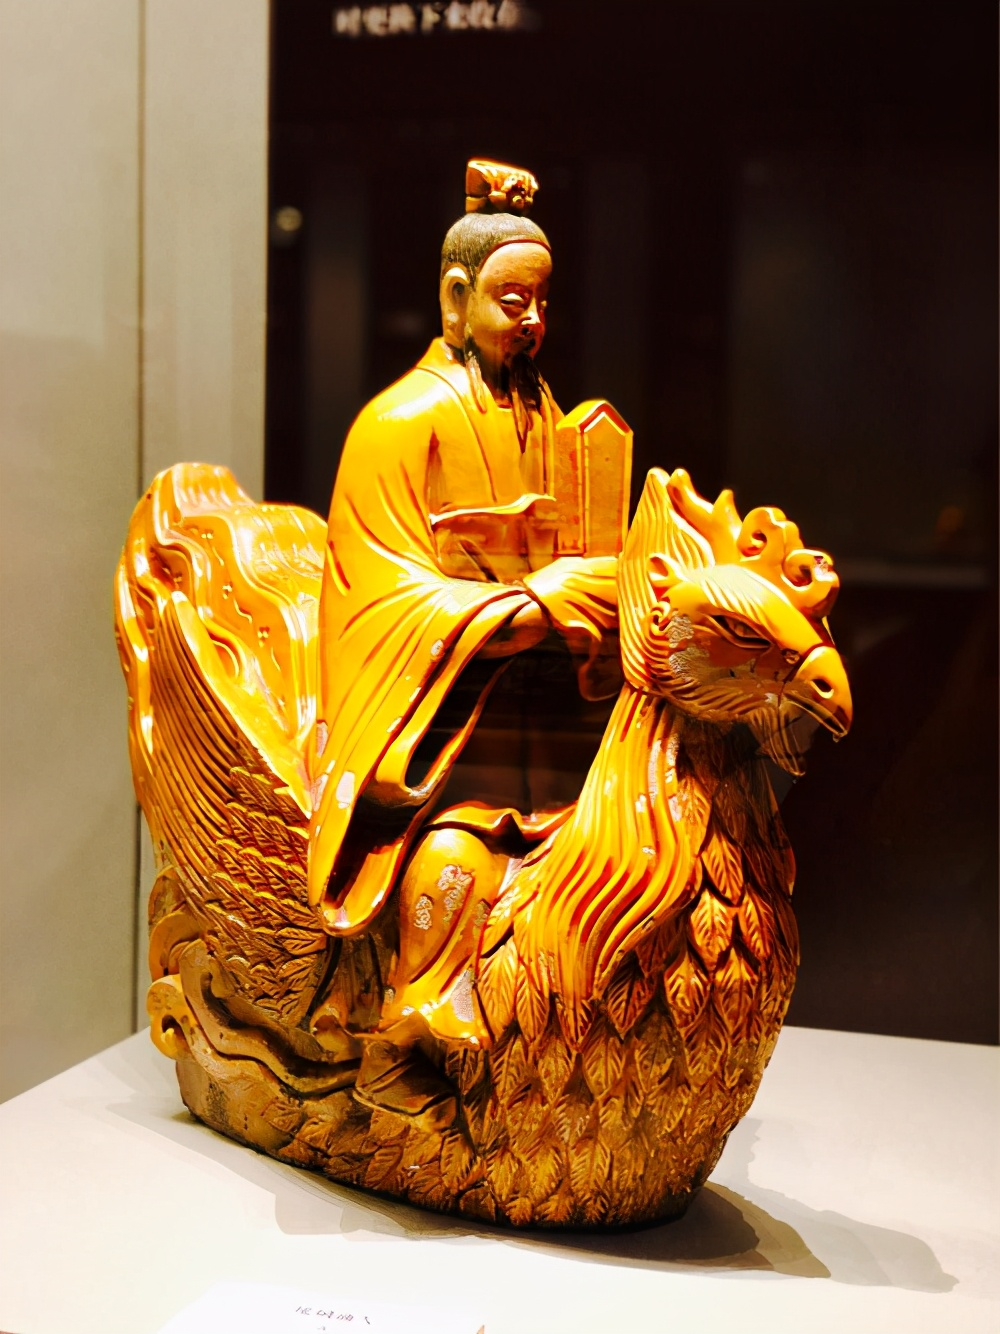 中国故事:古代建筑上那个骑凤的小老头,他的故事很精彩